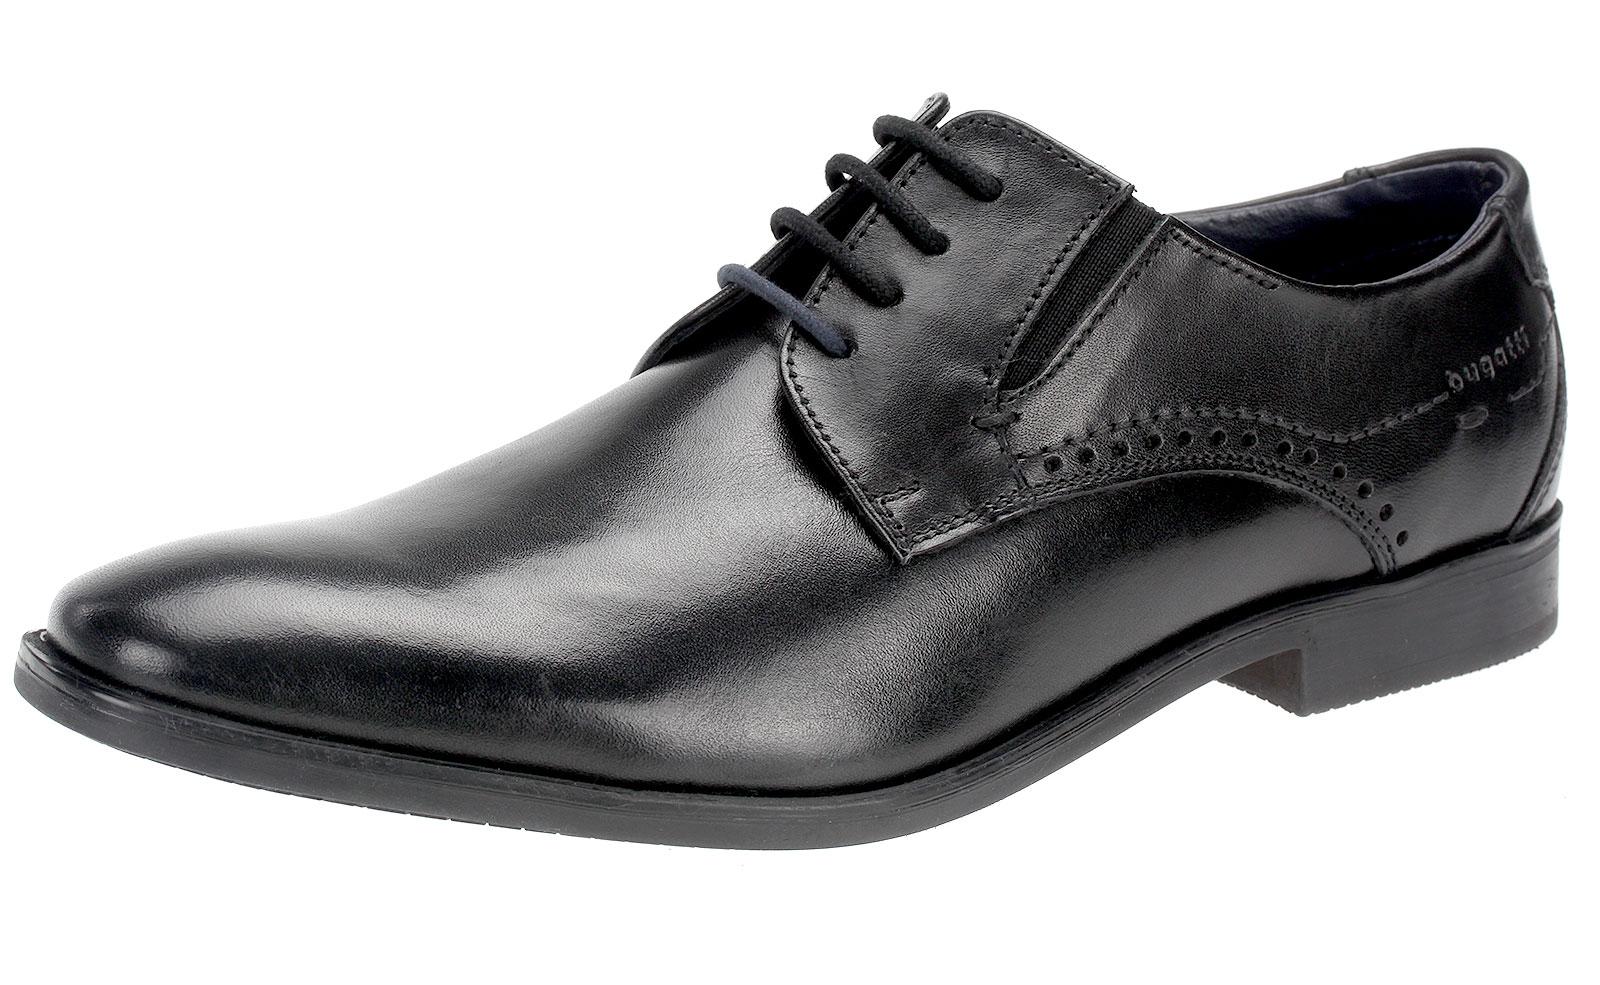 new concept 8ef84 31c43 Details zu Bugatti Business Schuhe Herren Leder Halbschuhe Schnürschuhe  Derby R0208 Schwarz